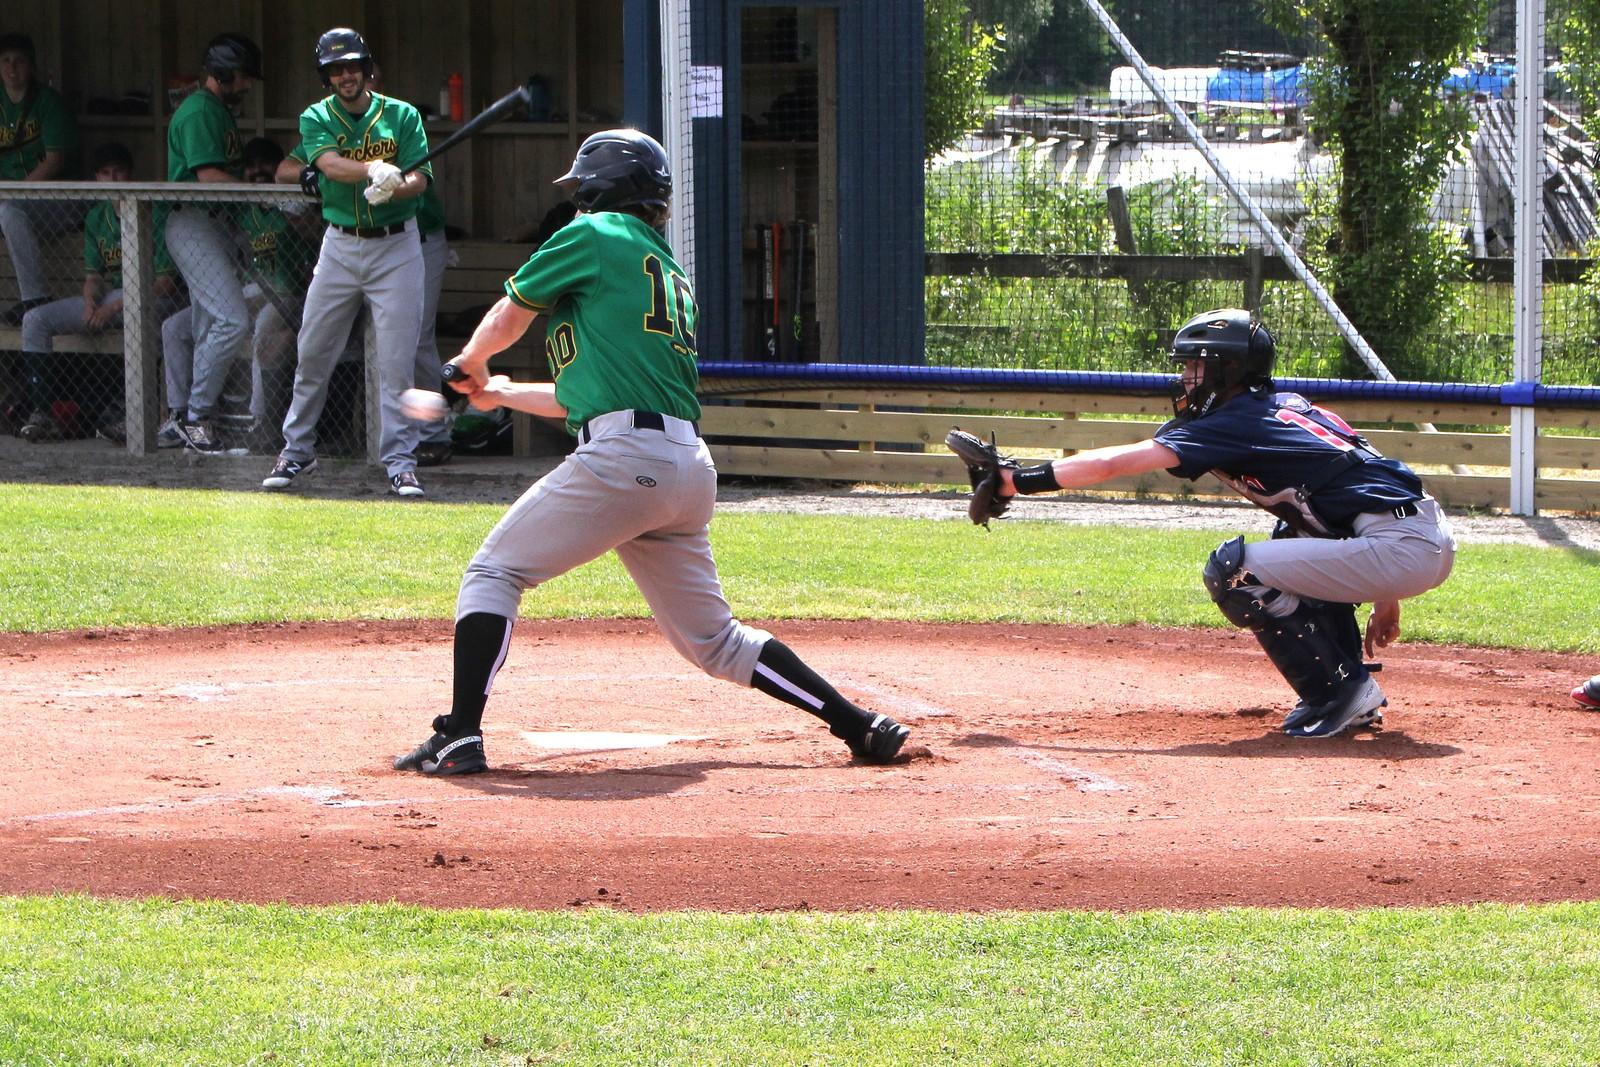 Ny baseballbane er åpnet på Dønnestad i Tveit.